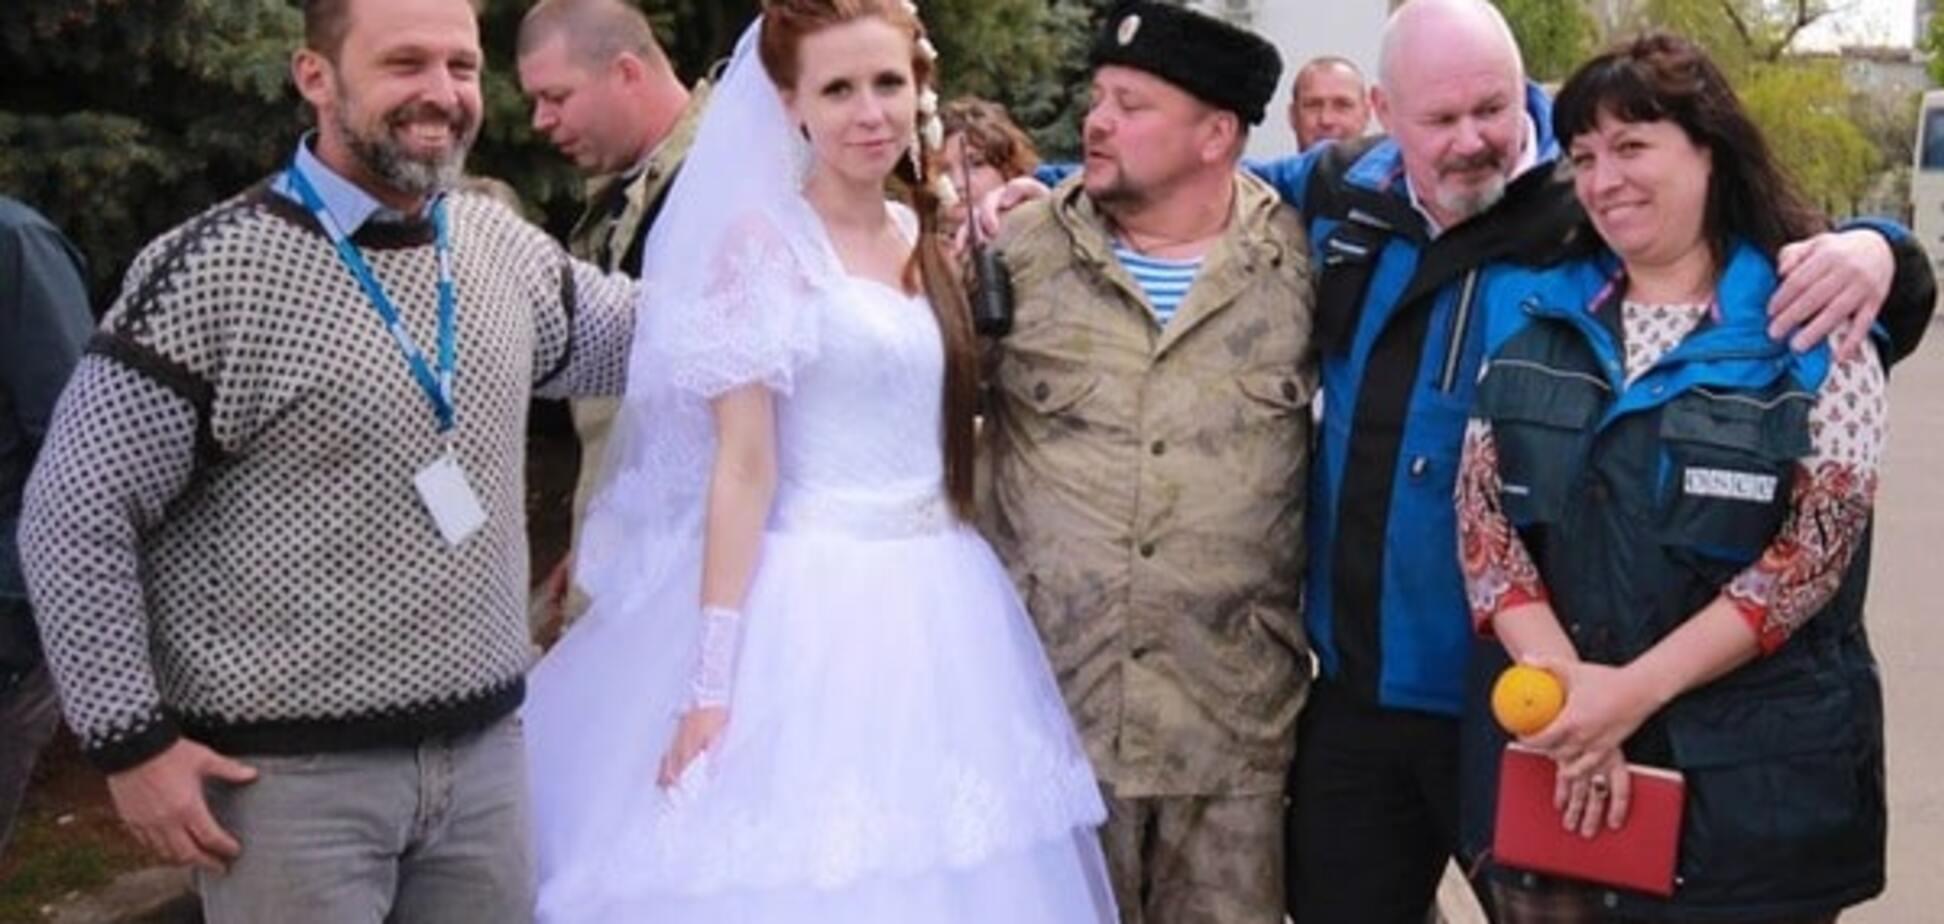 Просто стояли поруч: в ОБСЄ пояснили участь спостерігачів у весіллі терористів